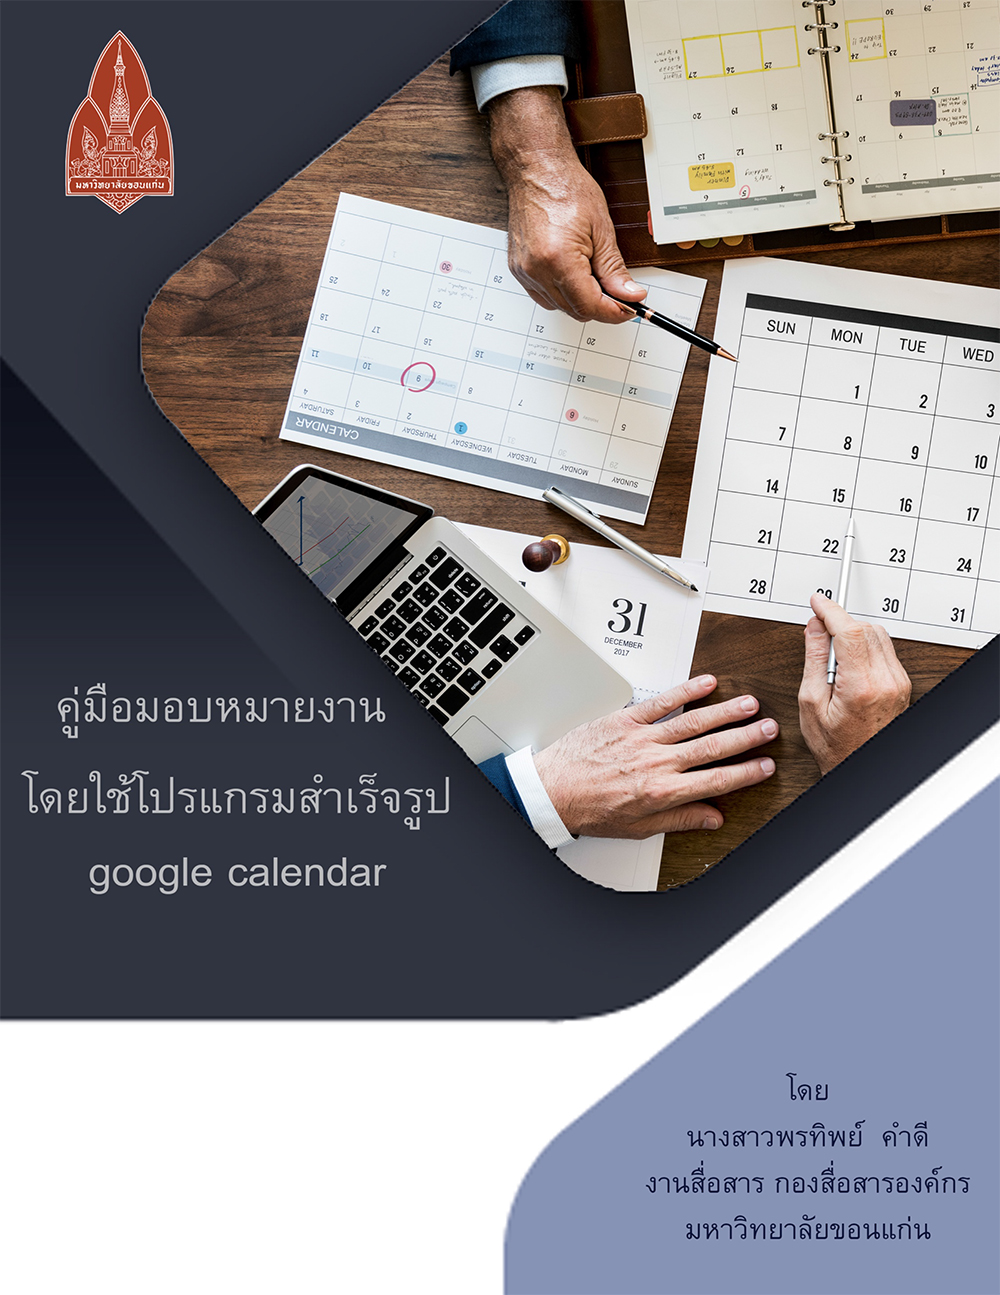 คู่มือมอบหมายงาน โดยใช้โปรแกรมสำเร็จรูป google calendar (2562) โดย นางสาวพรทิพย์ คำดี งานสื่อสาร กองสื่อสารองค์กร สำนักงานอธิการบดี มหาวิทยาลัยขอนแก่น